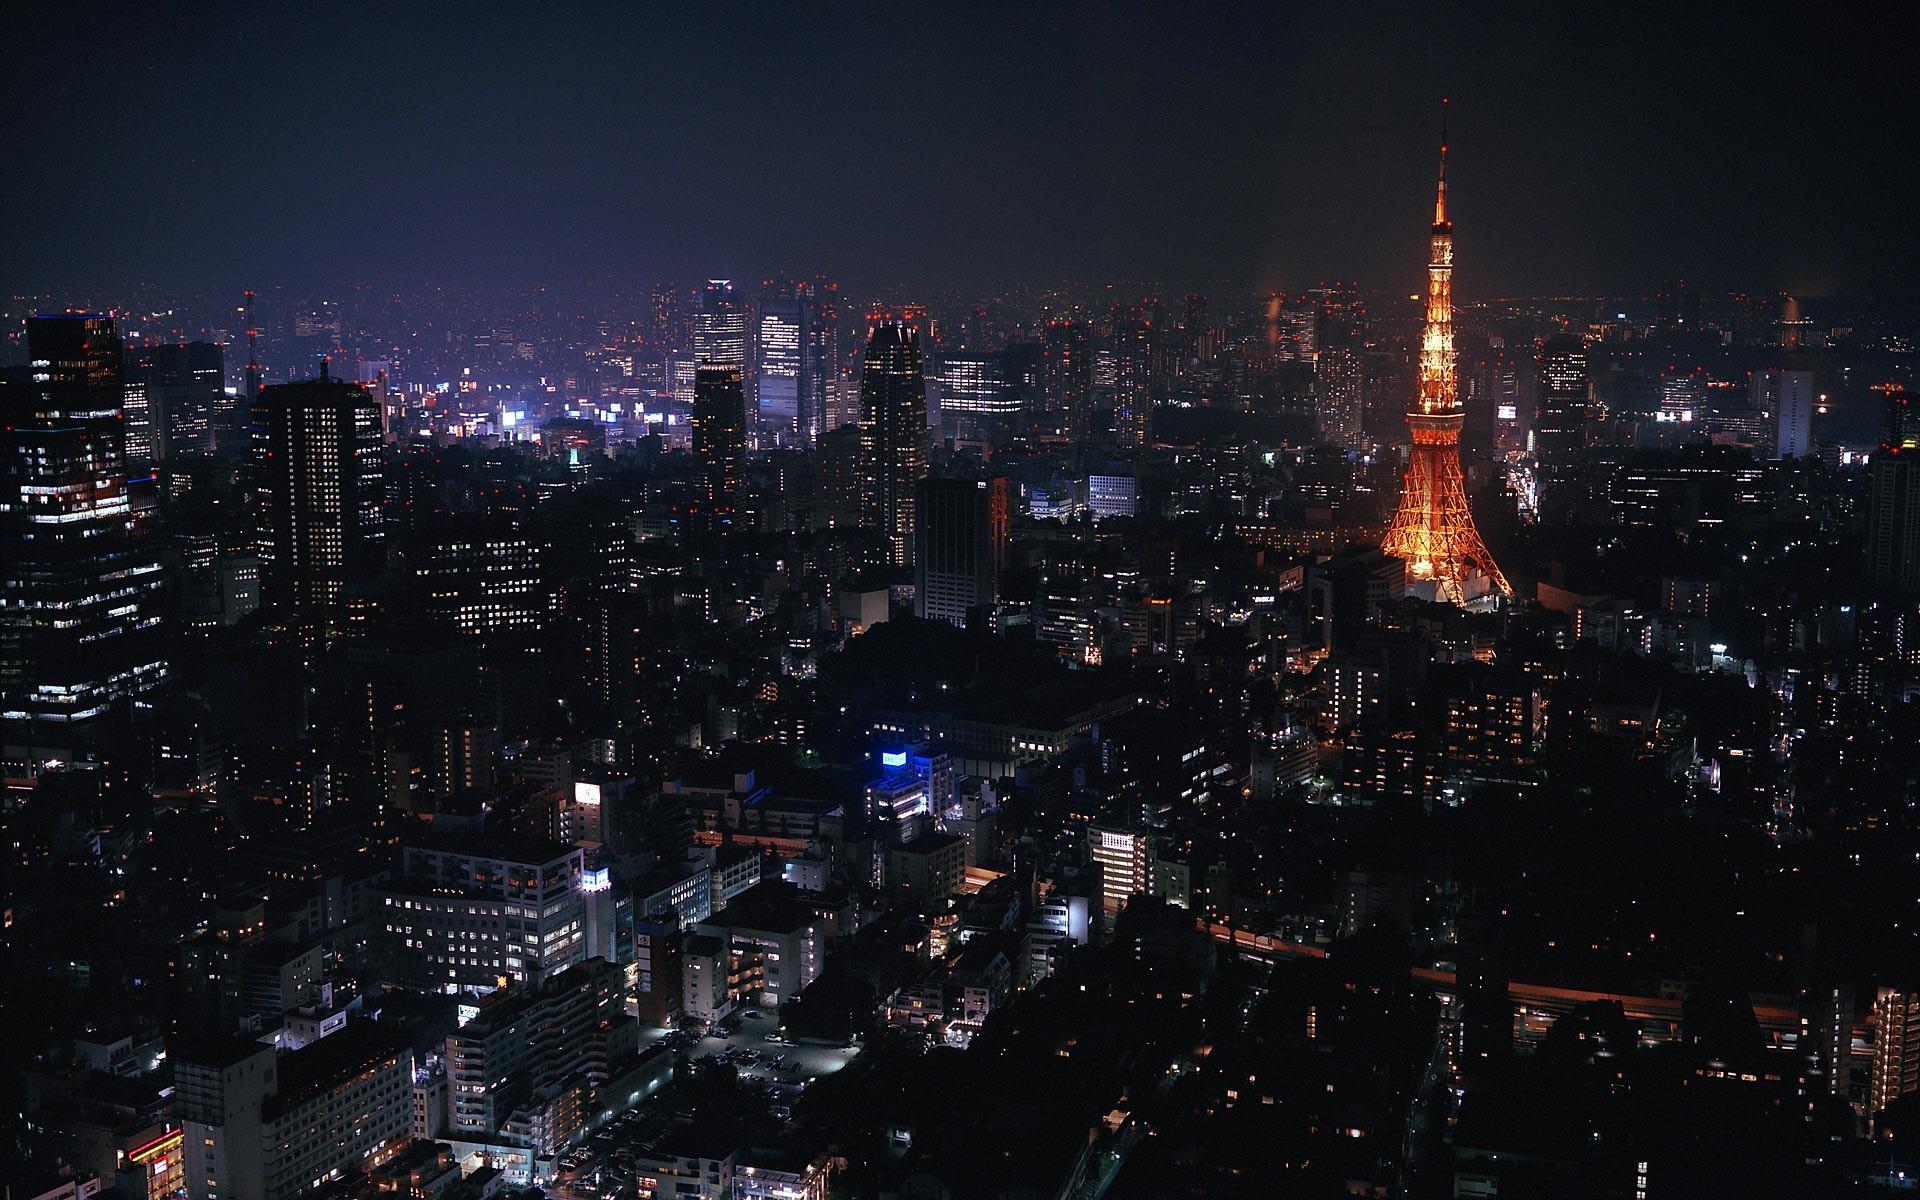 Ночной Токио Japan, Tokyo, night без смс